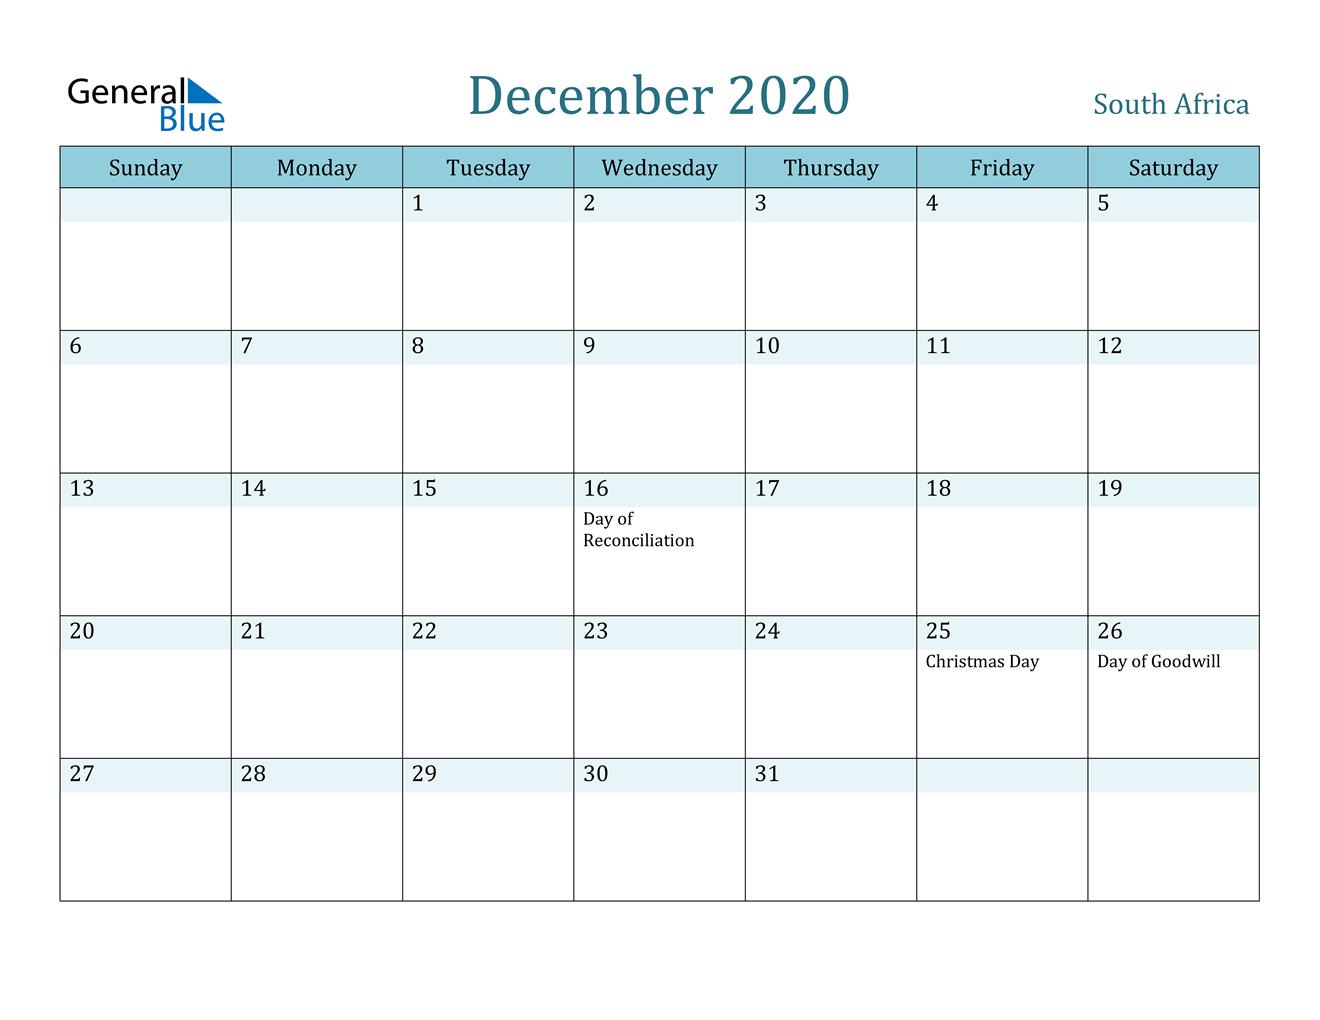 December 2020 Calendar - South Africa